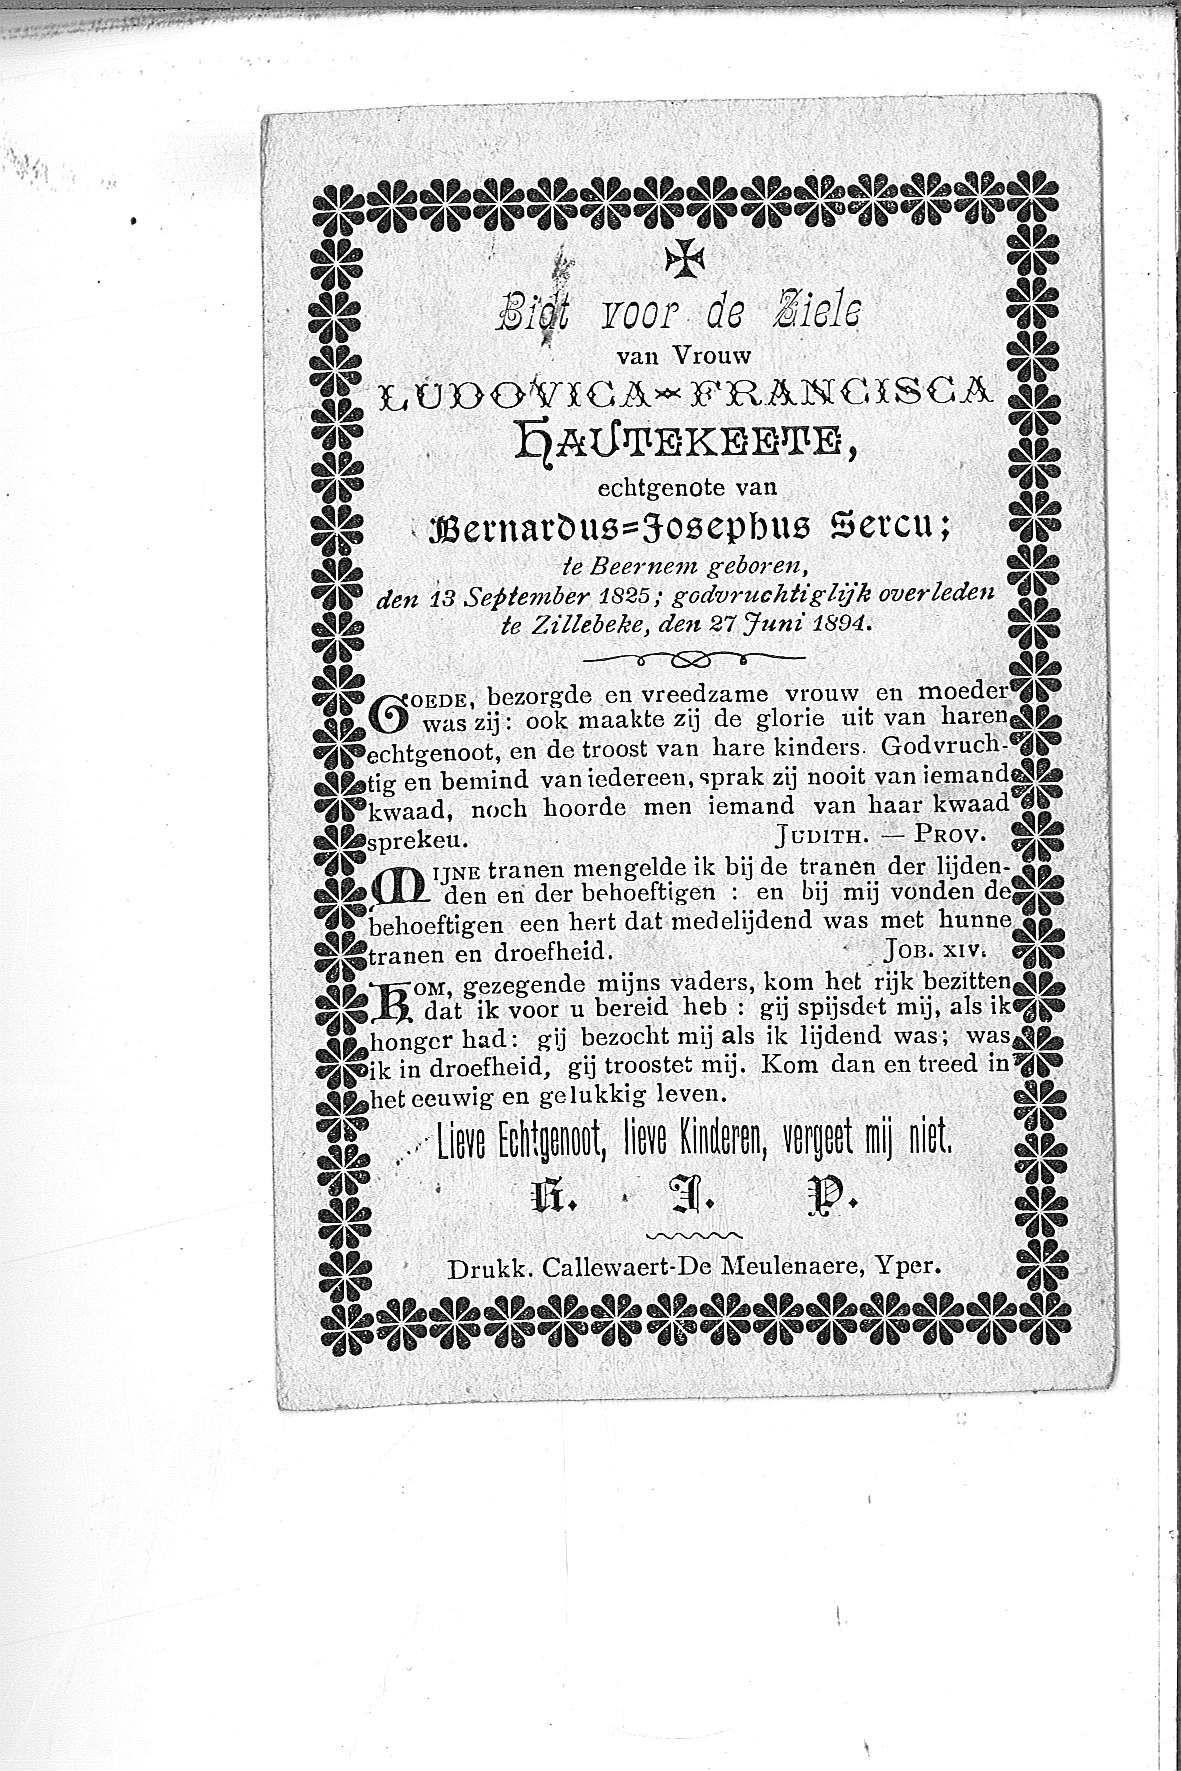 Ludovica Francisca(1894)20140820143544_00017.jpg